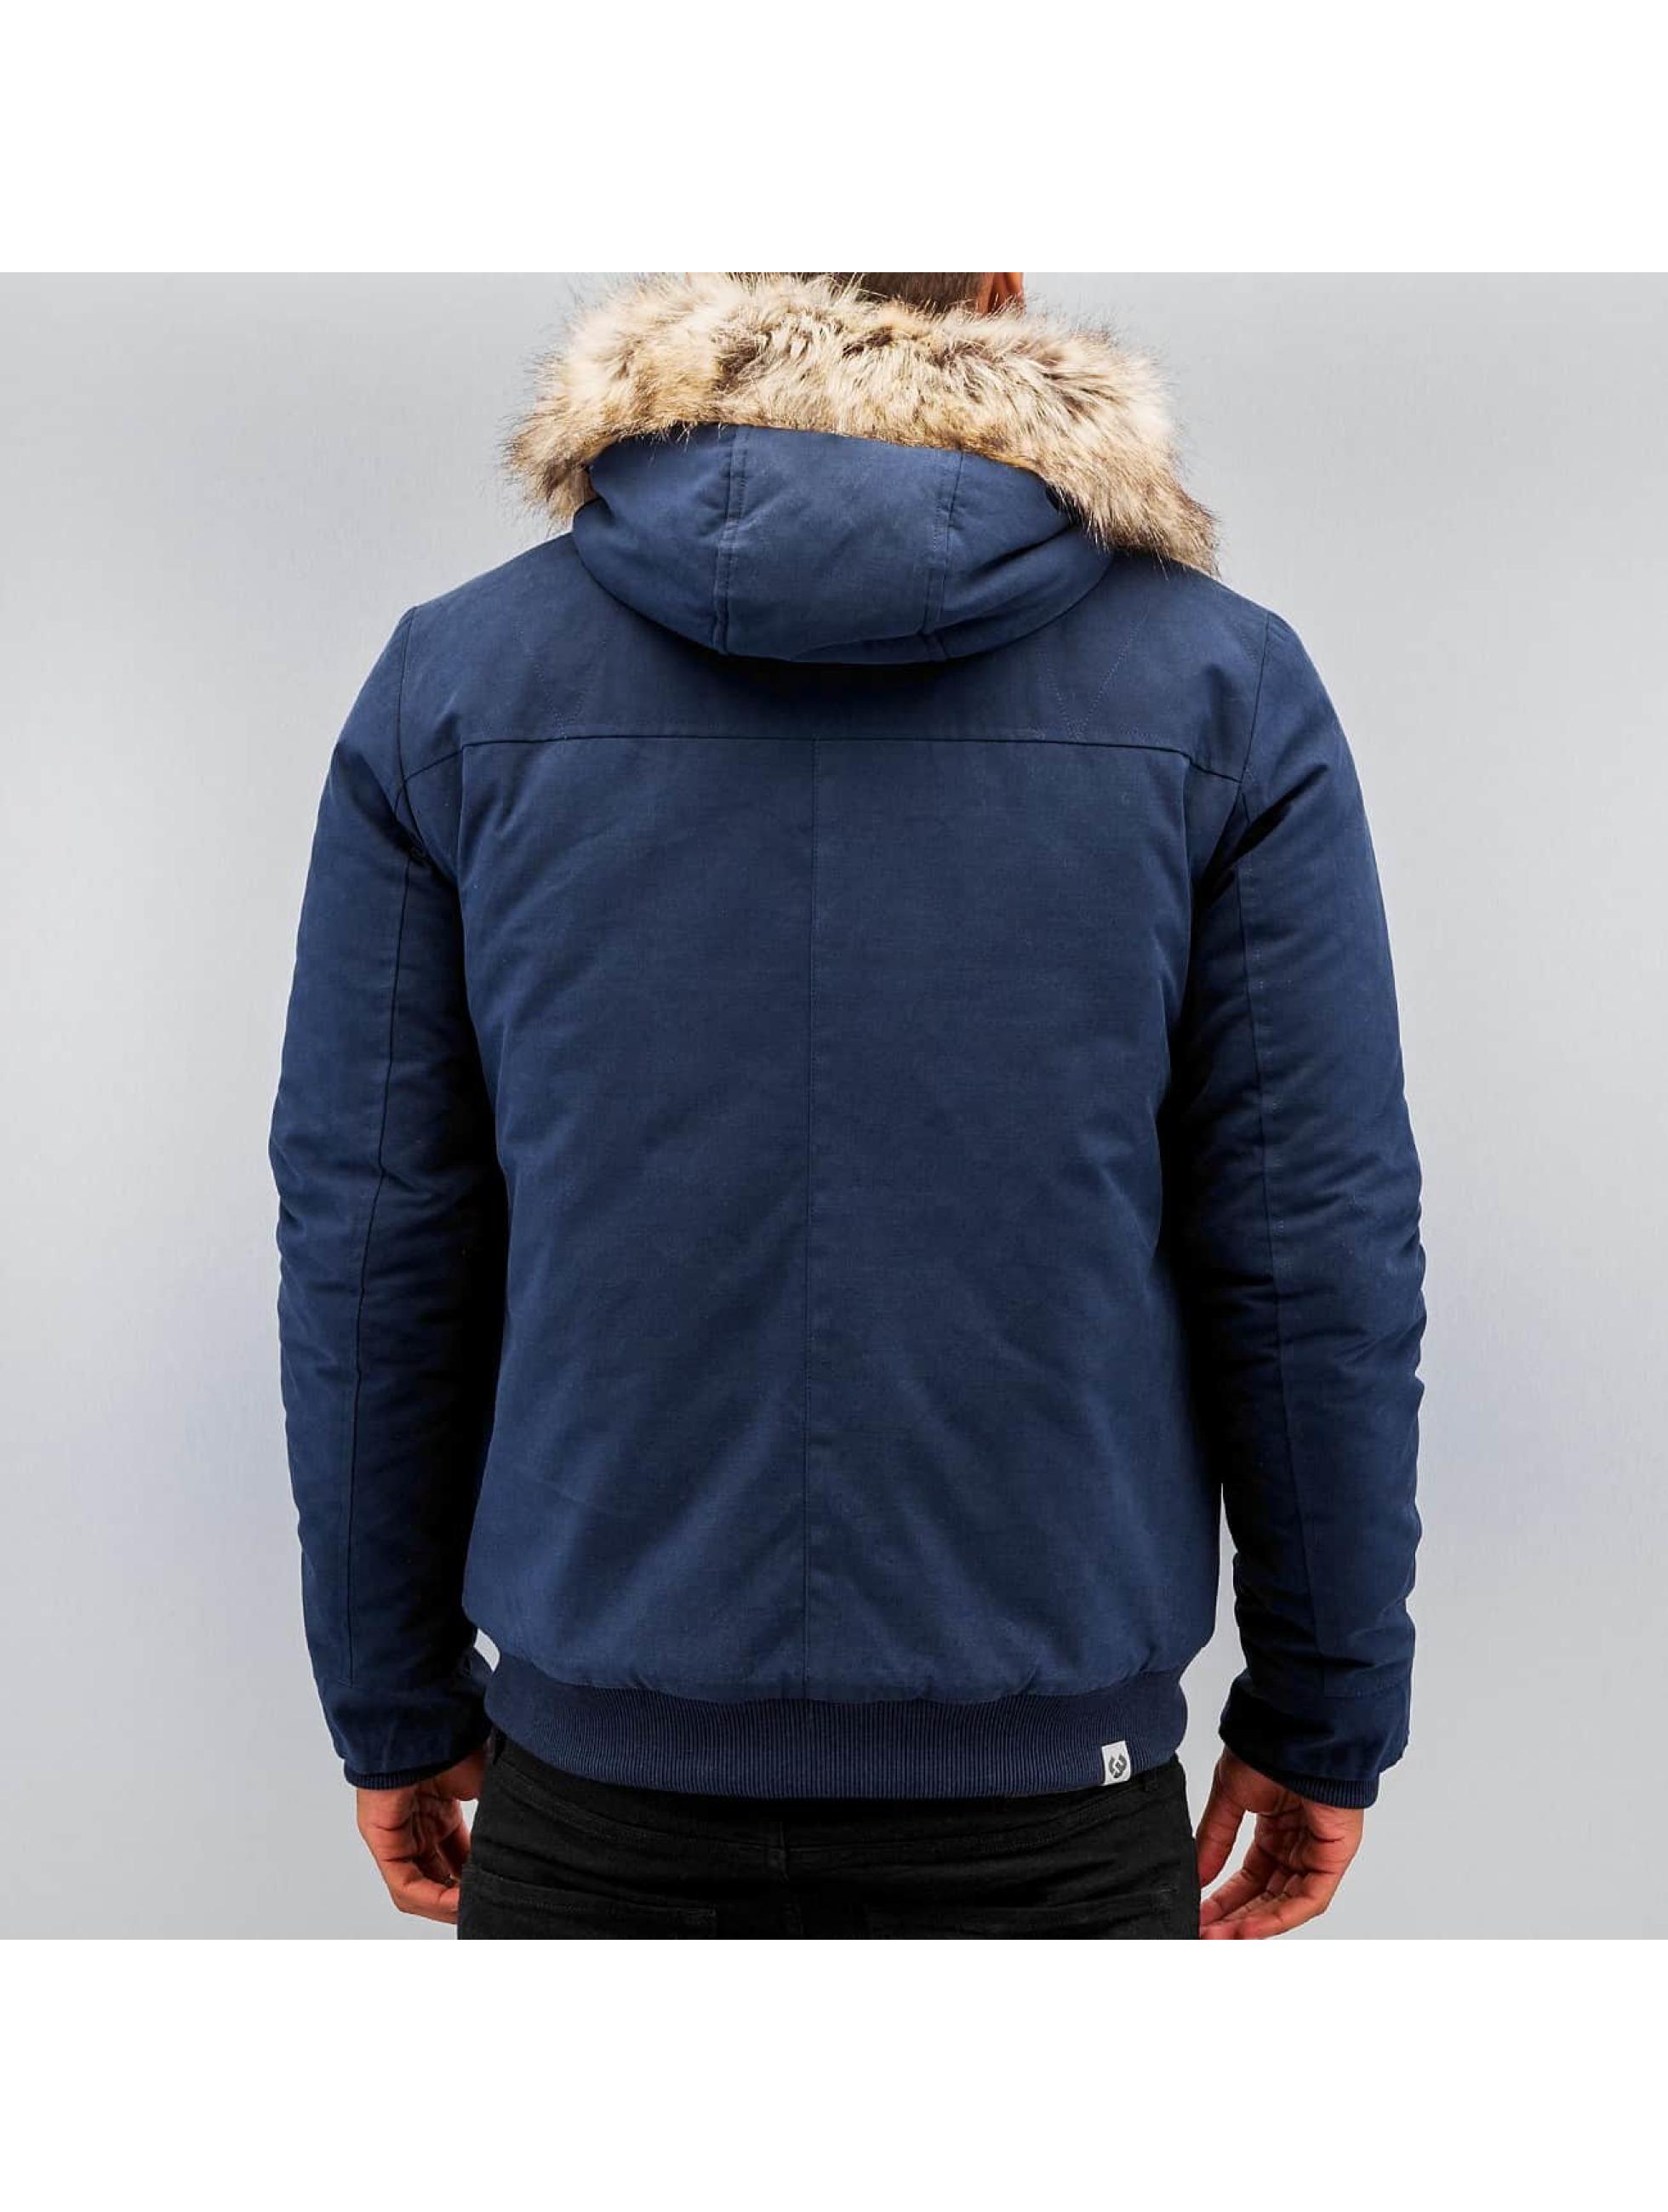 Ragwear Winterjacke Dock blau